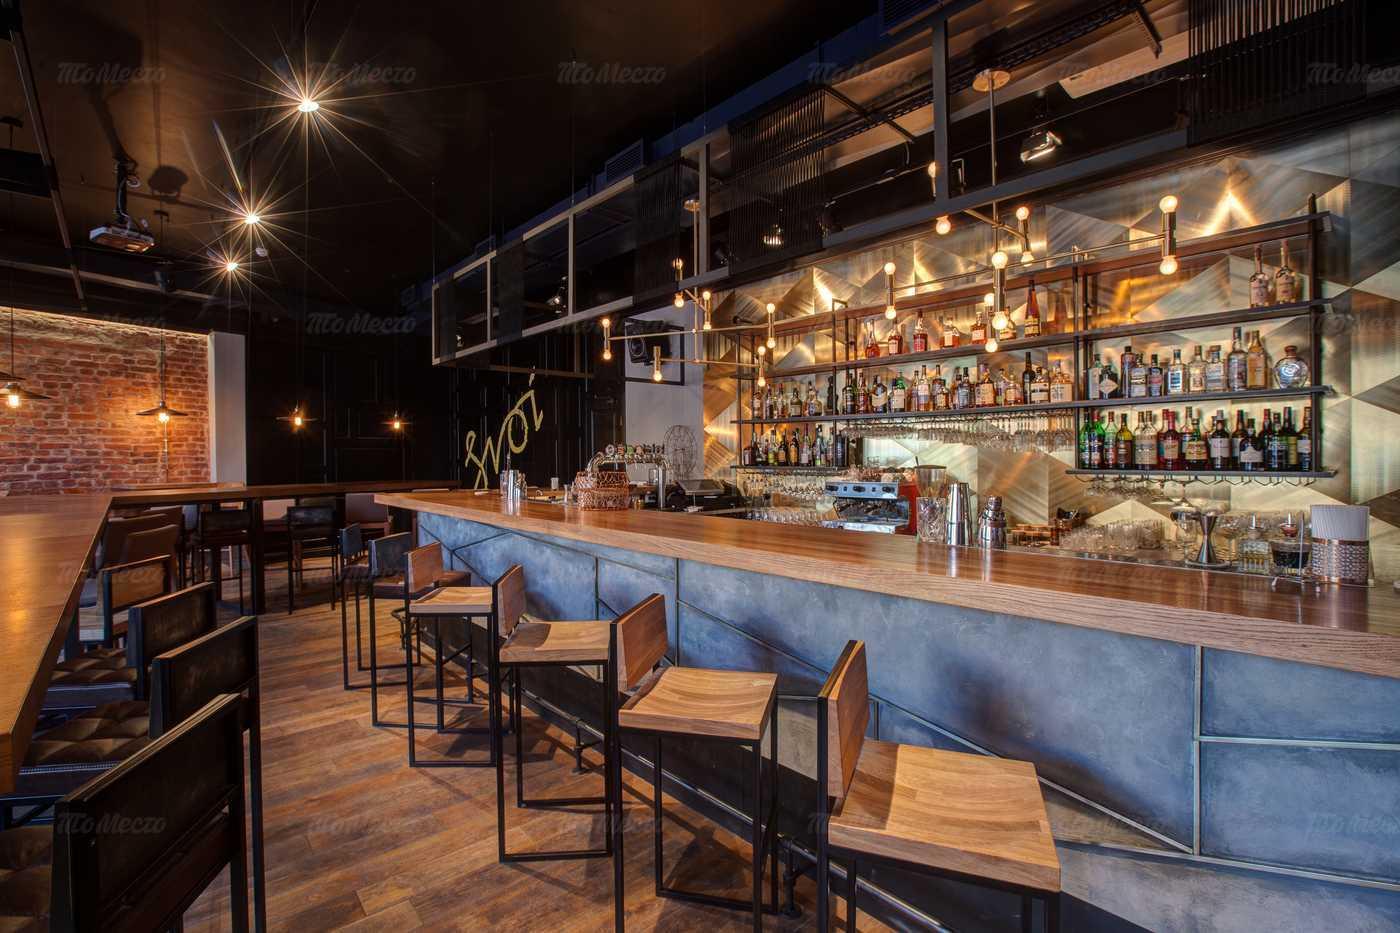 Меню бара, пивного ресторана Svoi (Свои) на набережной Реки Фонтанки